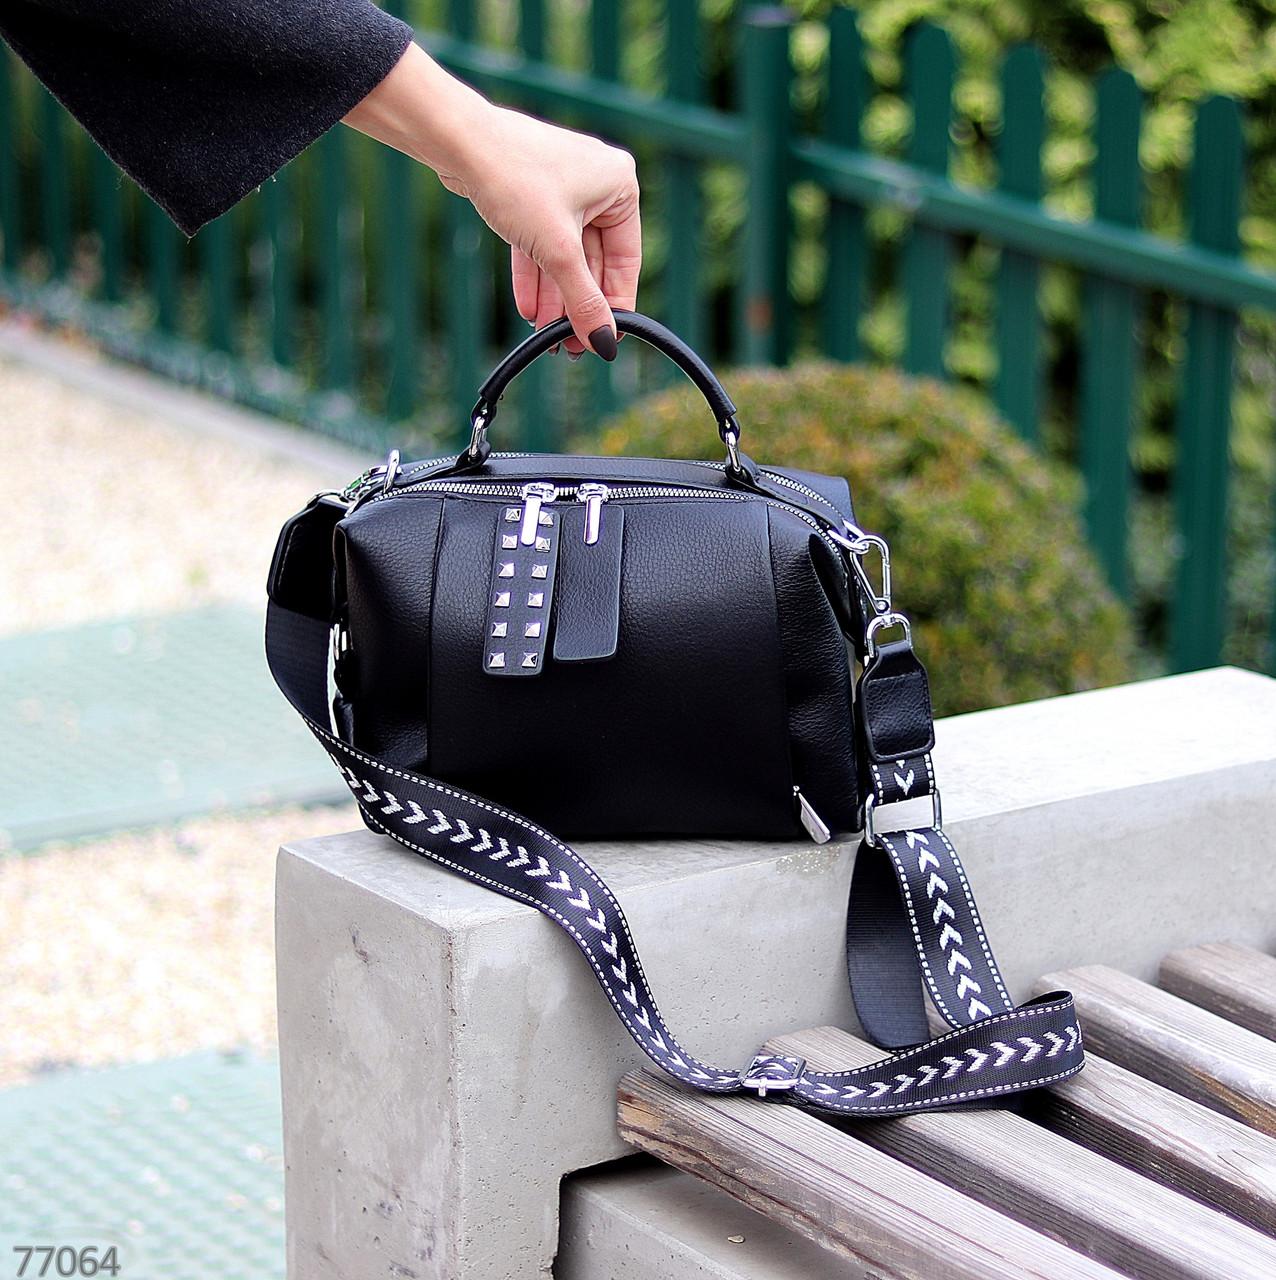 Стильна чорна міська жіноча сумка кроссбоди широкий Регульований ремінь на плече